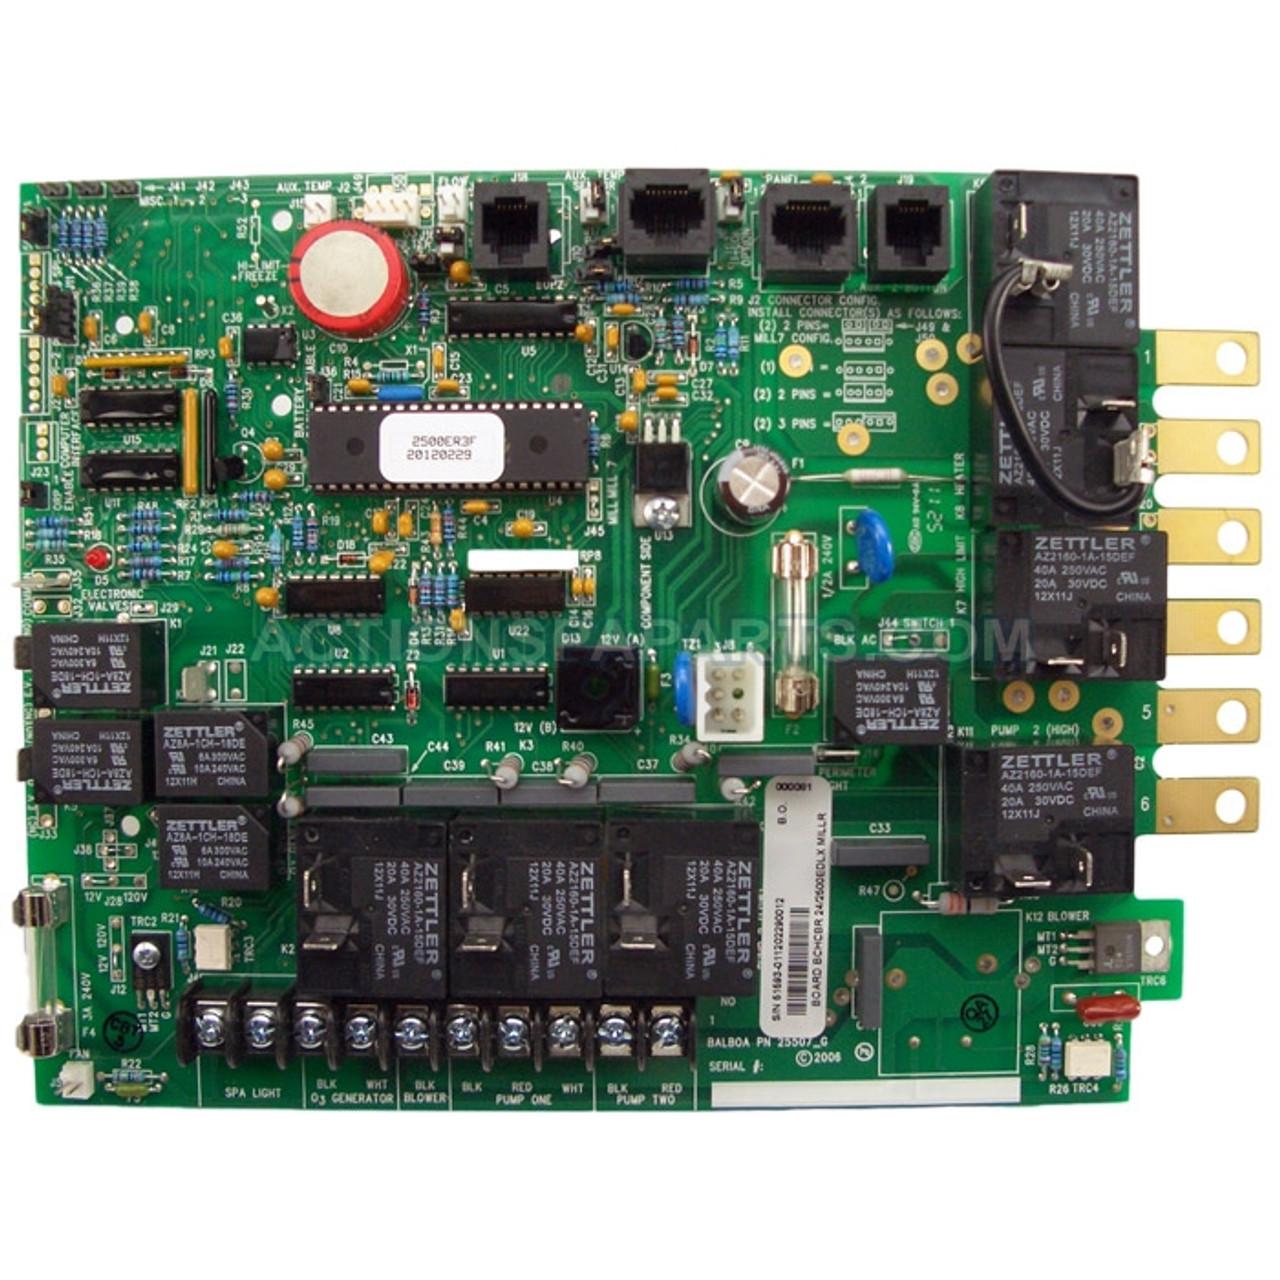 Beachcomber circuit board 4014054 spa parts depot publicscrutiny Images